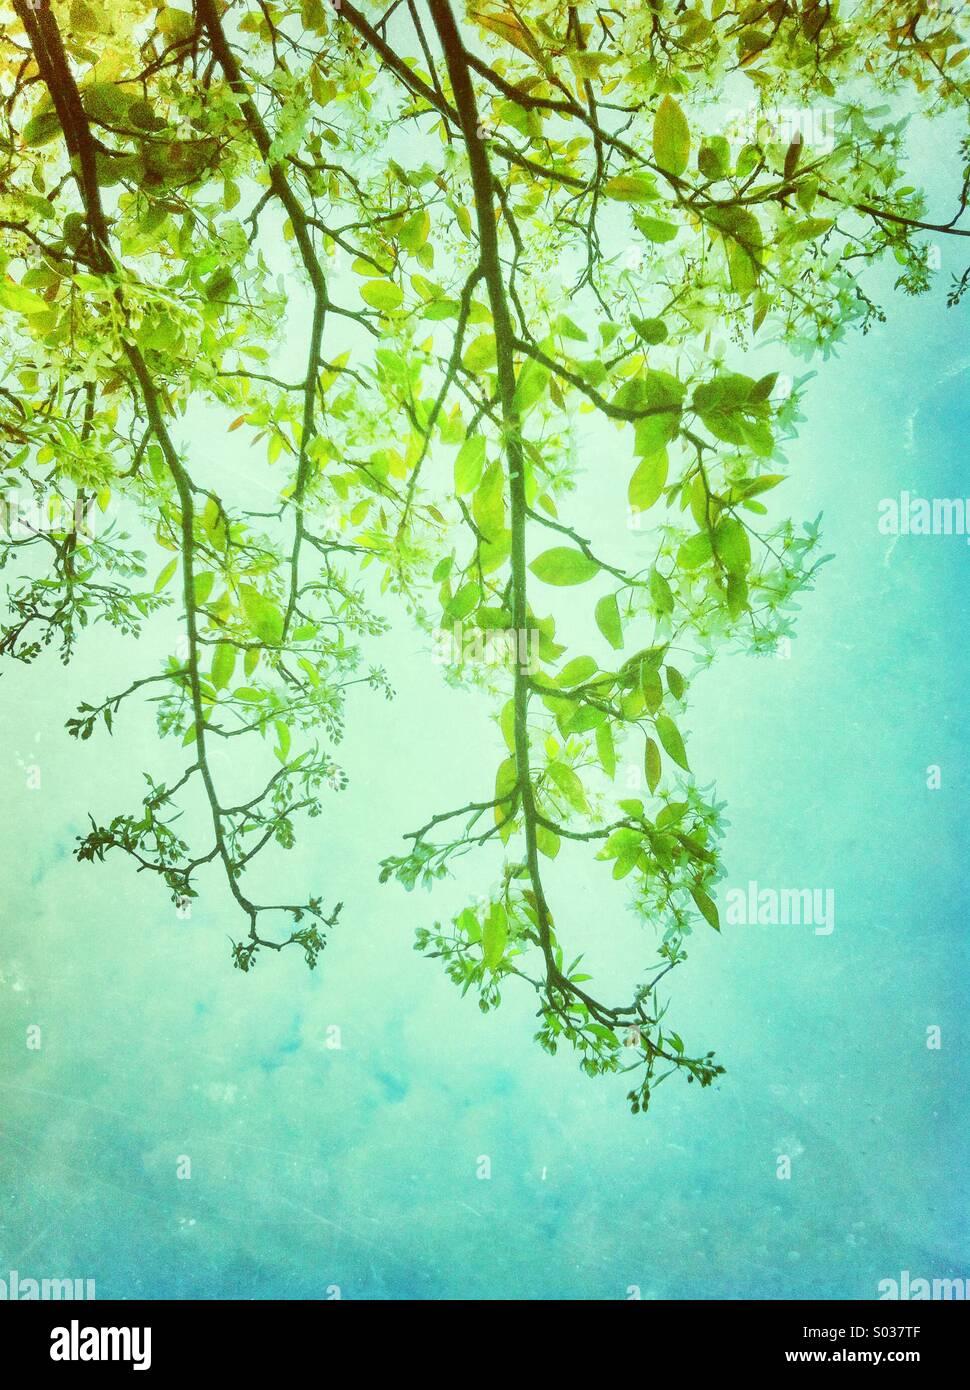 Frische grüne Blätter im Frühling Stockbild